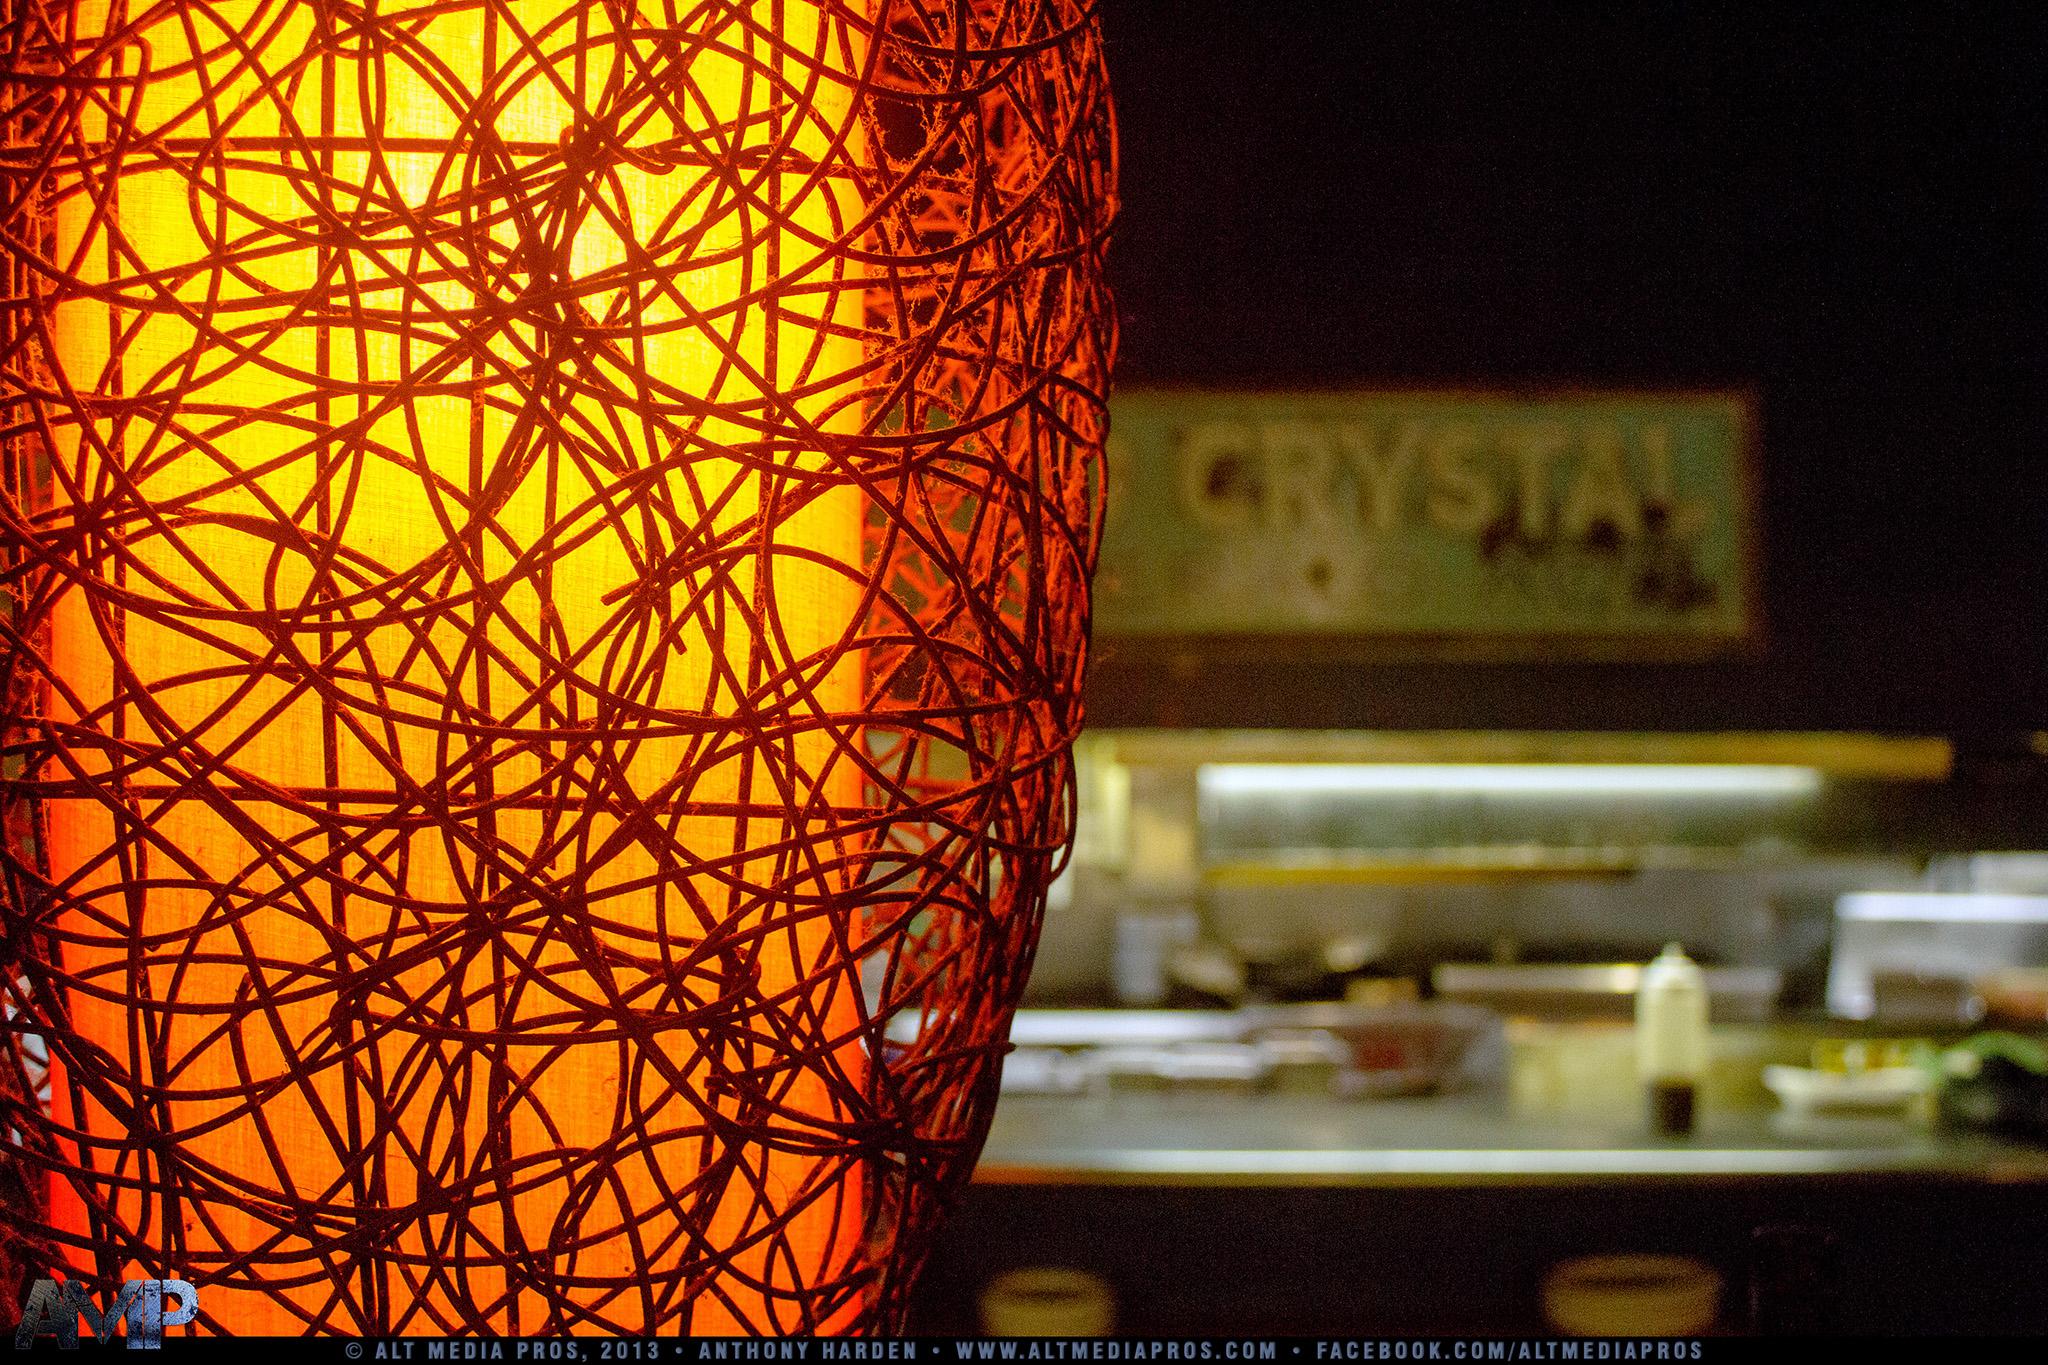 Cantina at Biltmore_PSD_022813_028.jpg